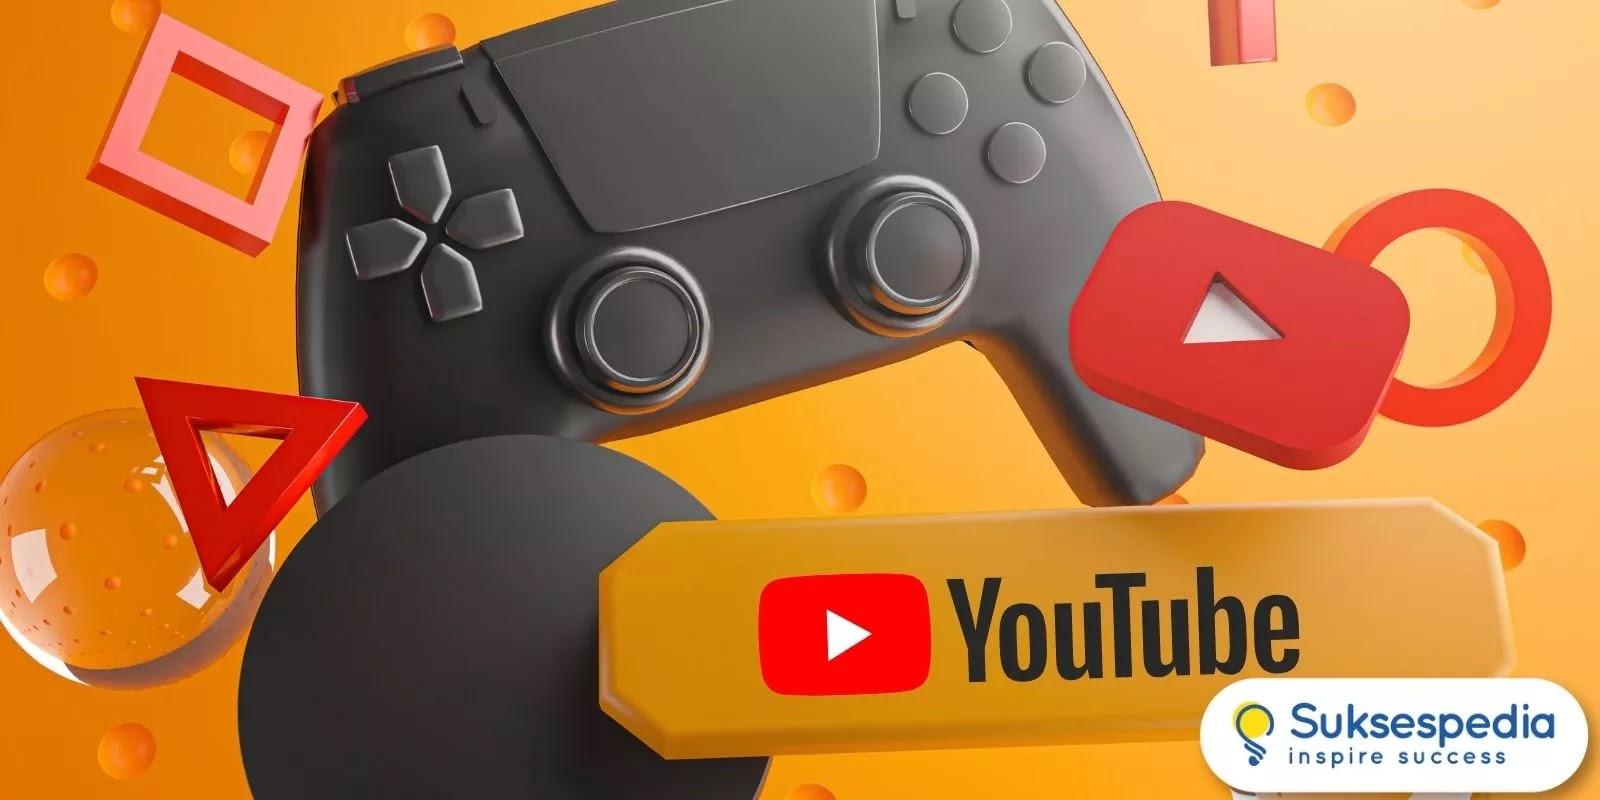 Simak Informasi ini Jika Anda Ingin Membuat Channel Youtube Gaming!